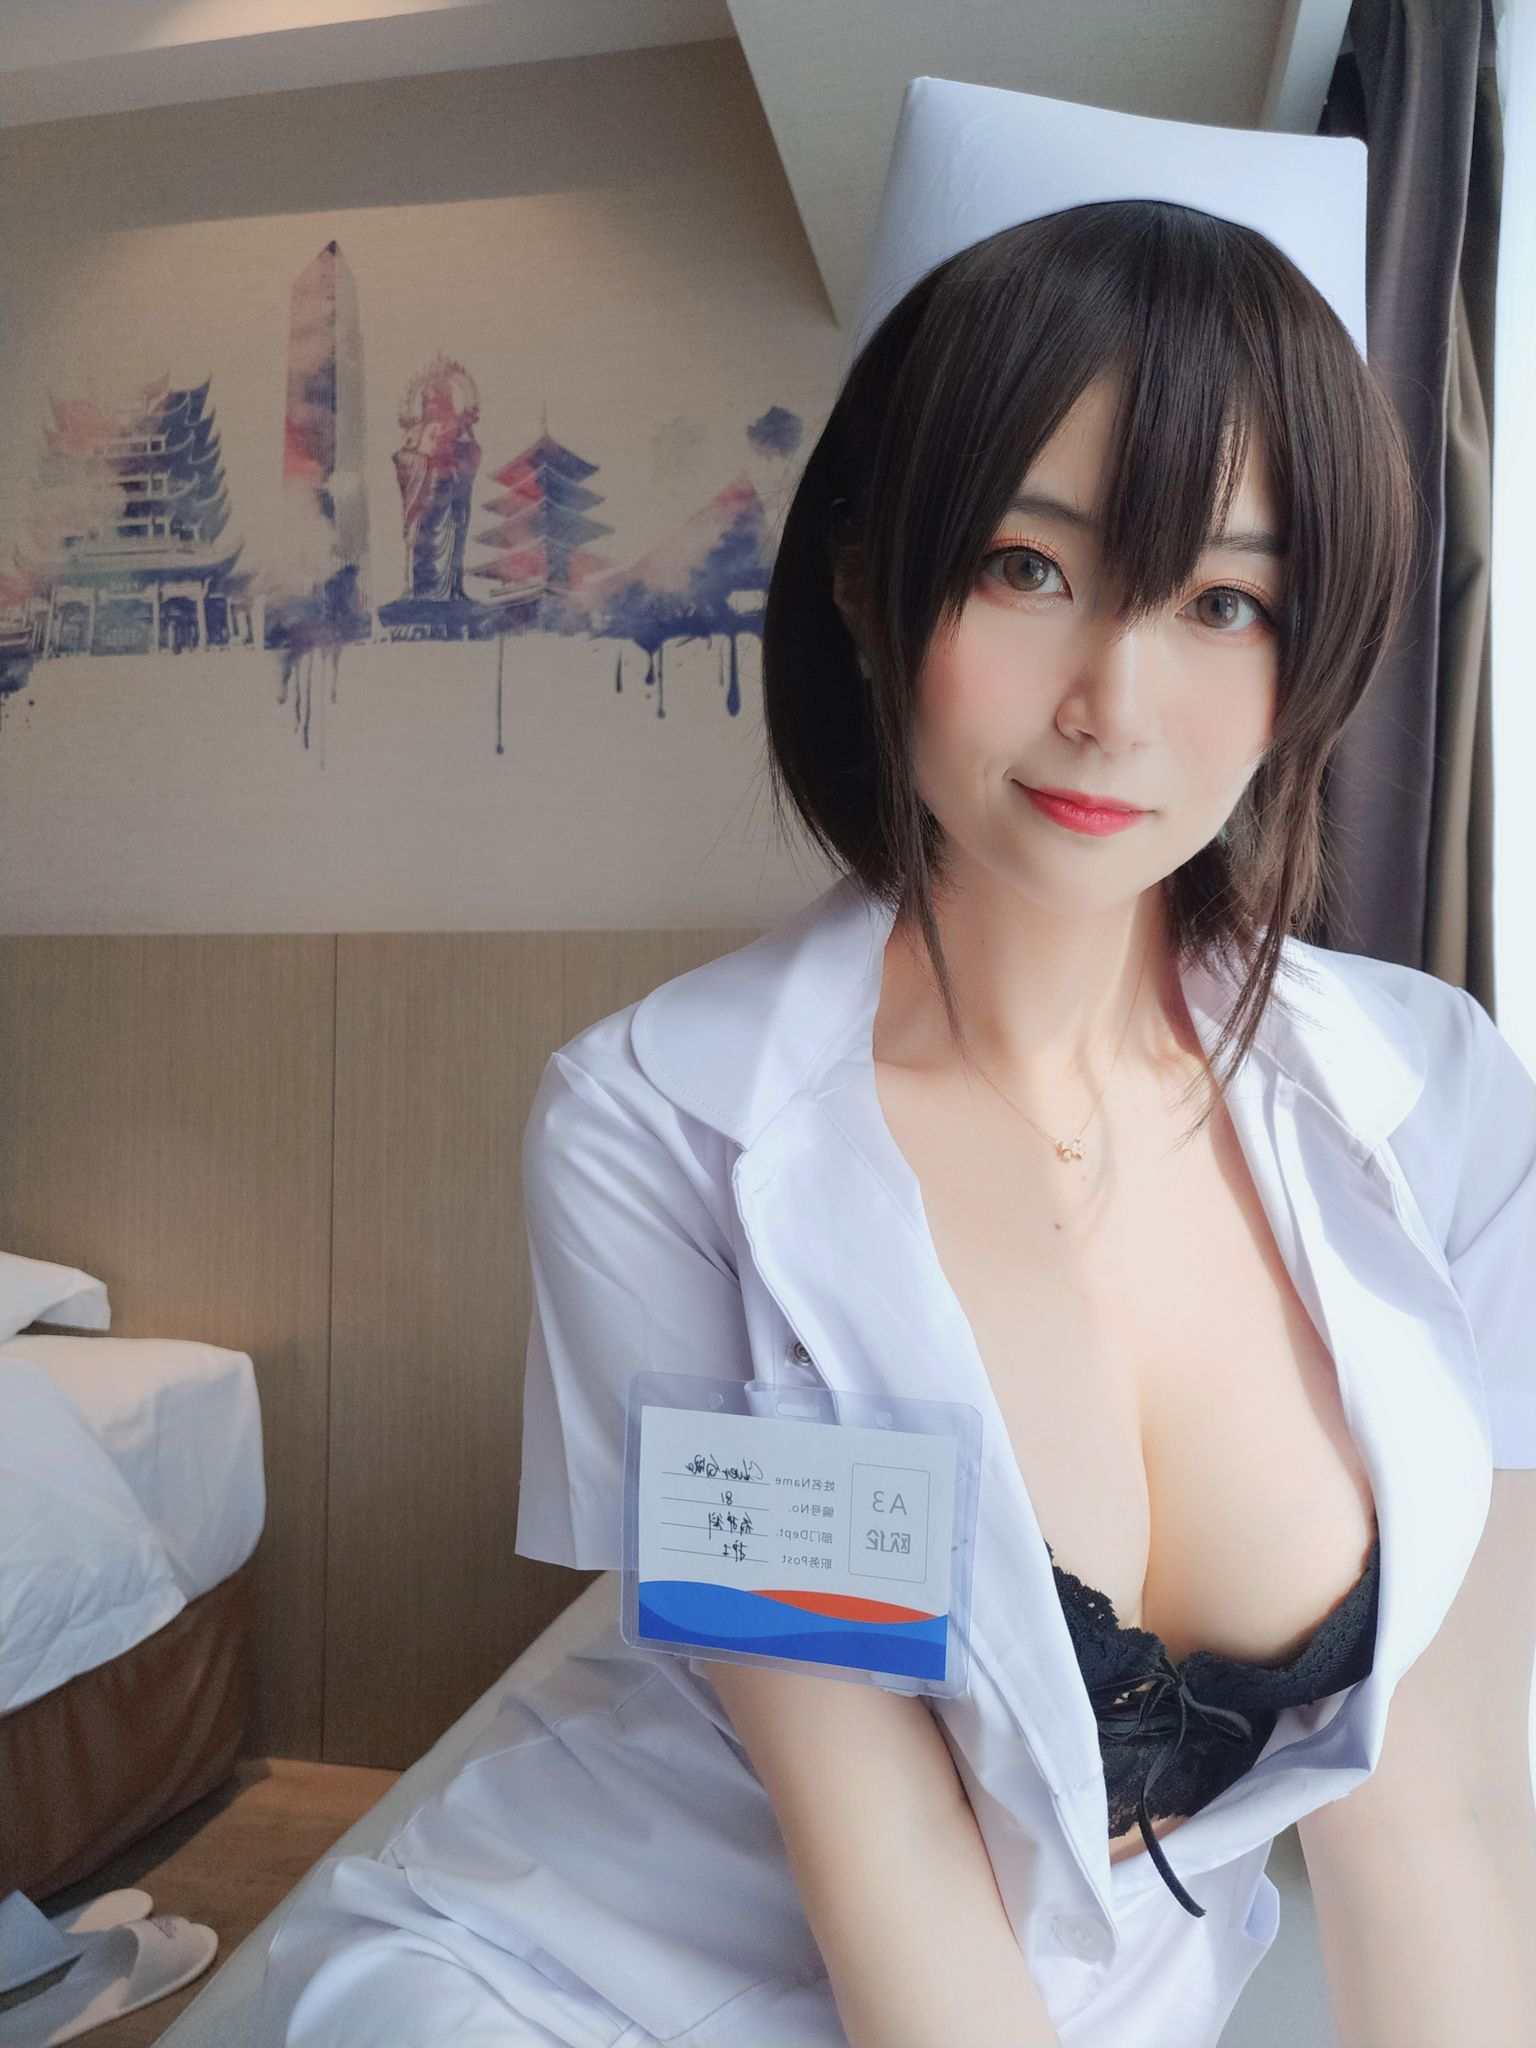 Nurse with short hair013